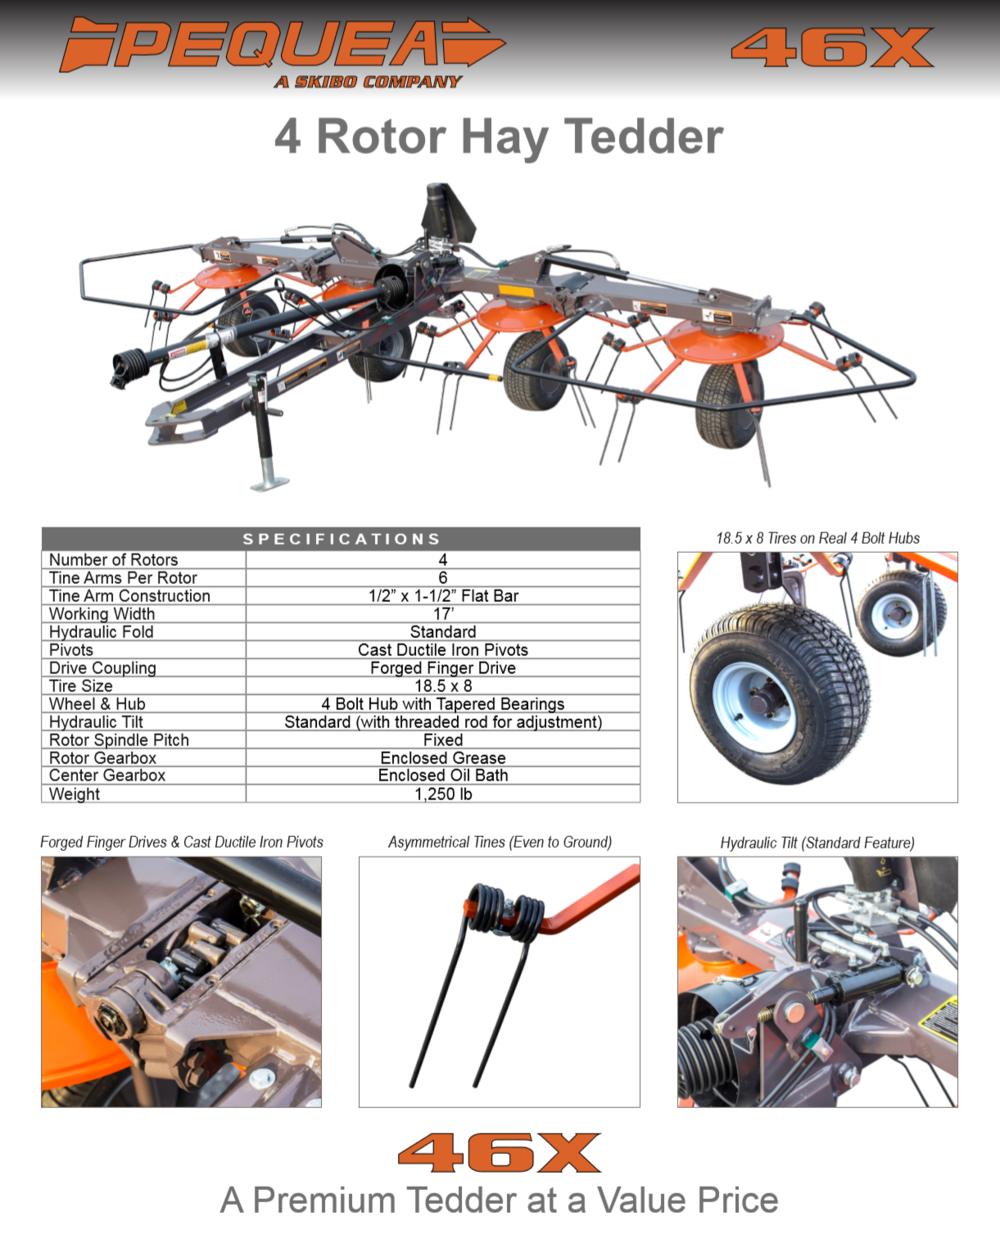 4 Rotor Hay Tedder Brochure